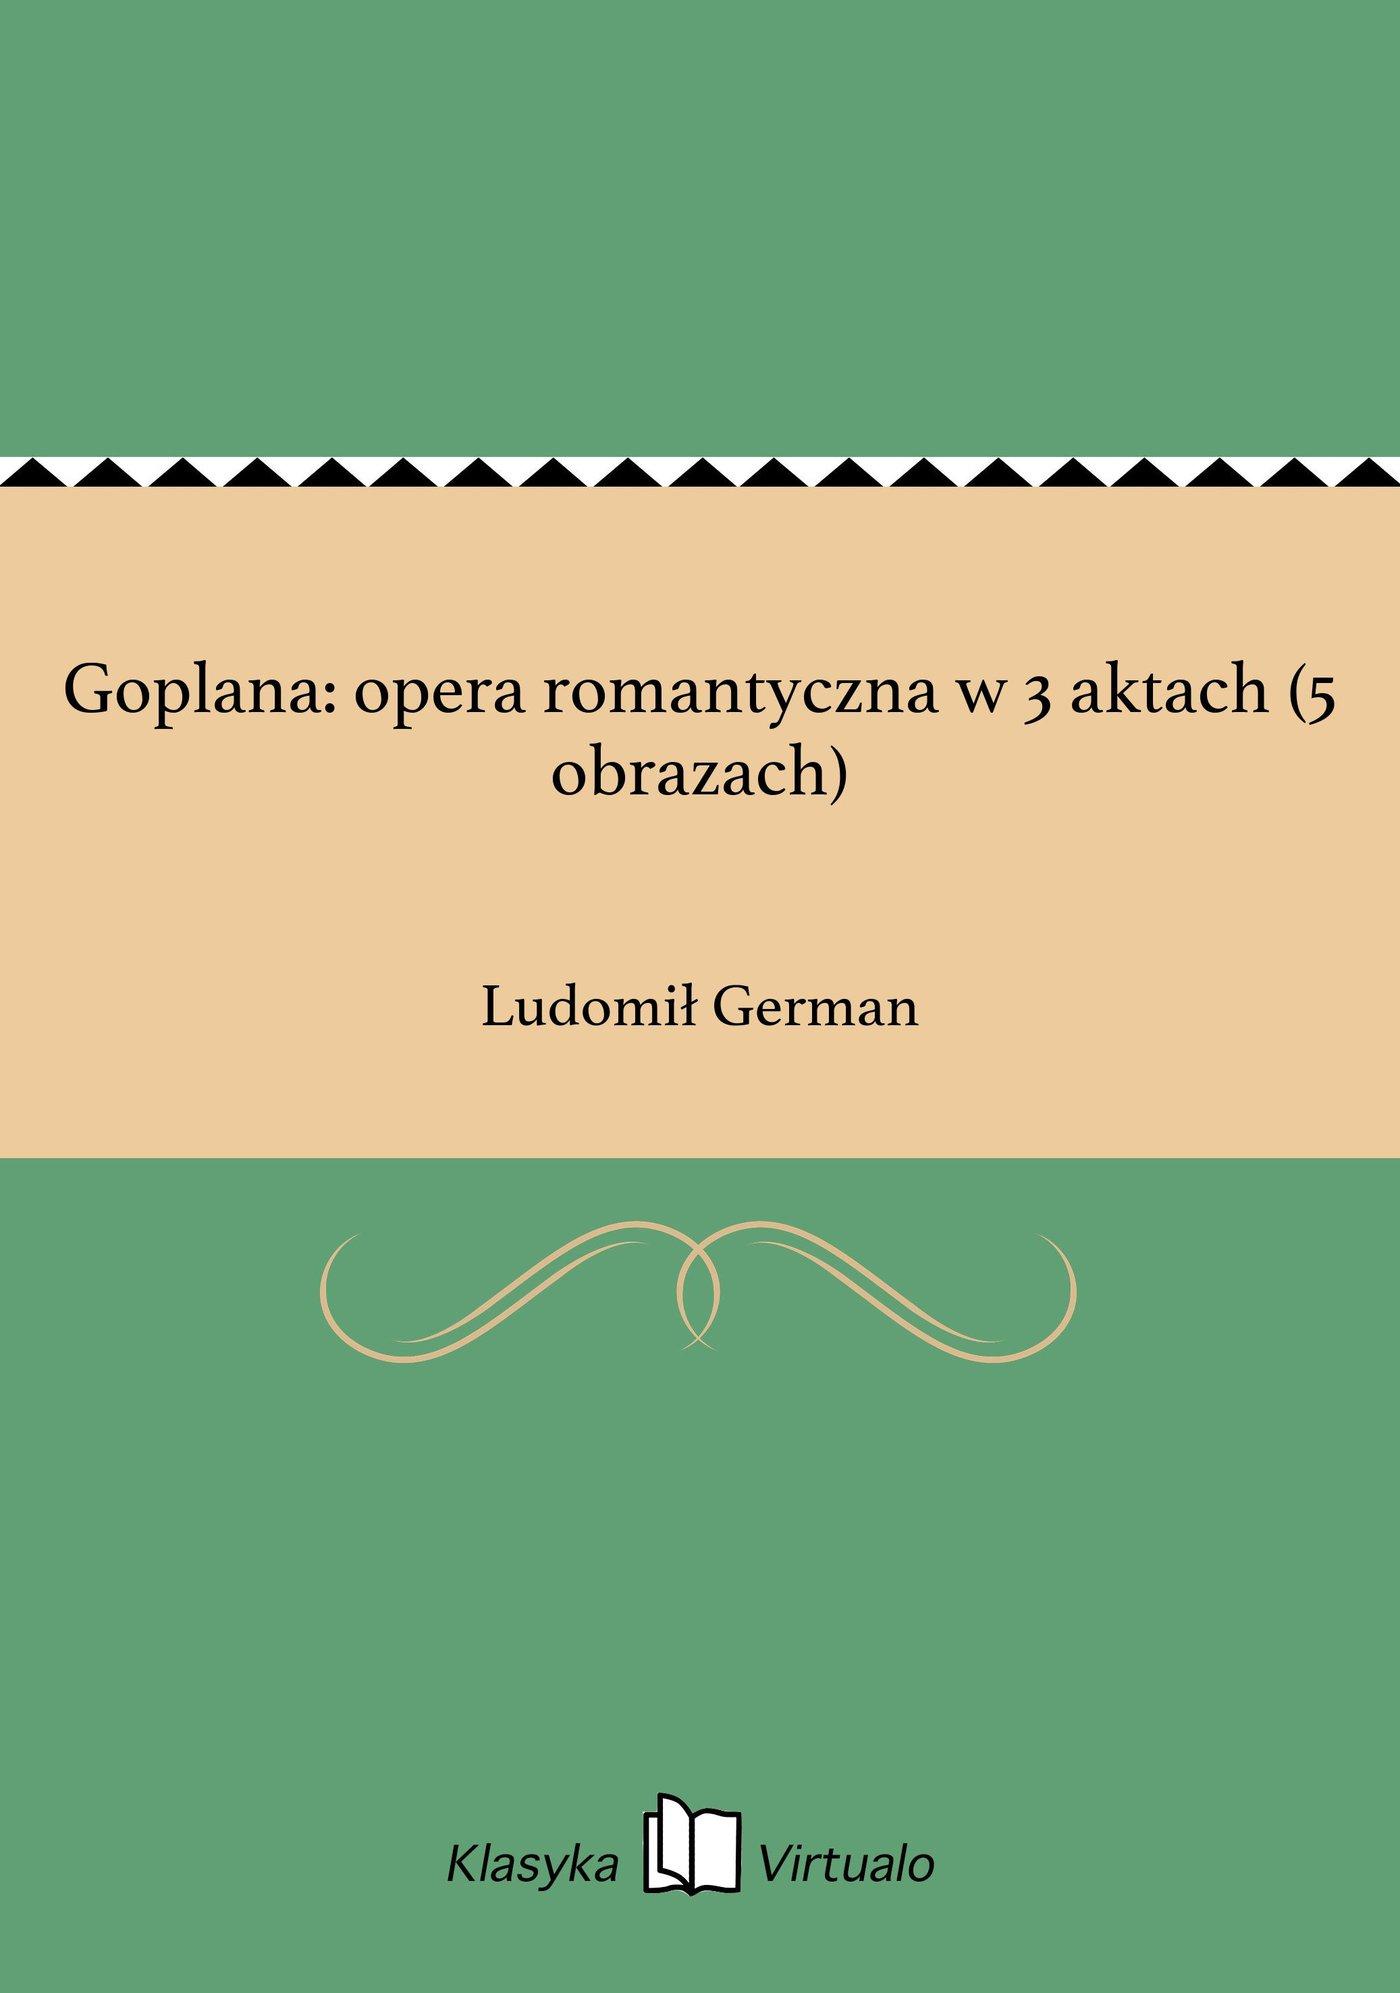 Goplana: opera romantyczna w 3 aktach (5 obrazach) - Ebook (Książka EPUB) do pobrania w formacie EPUB